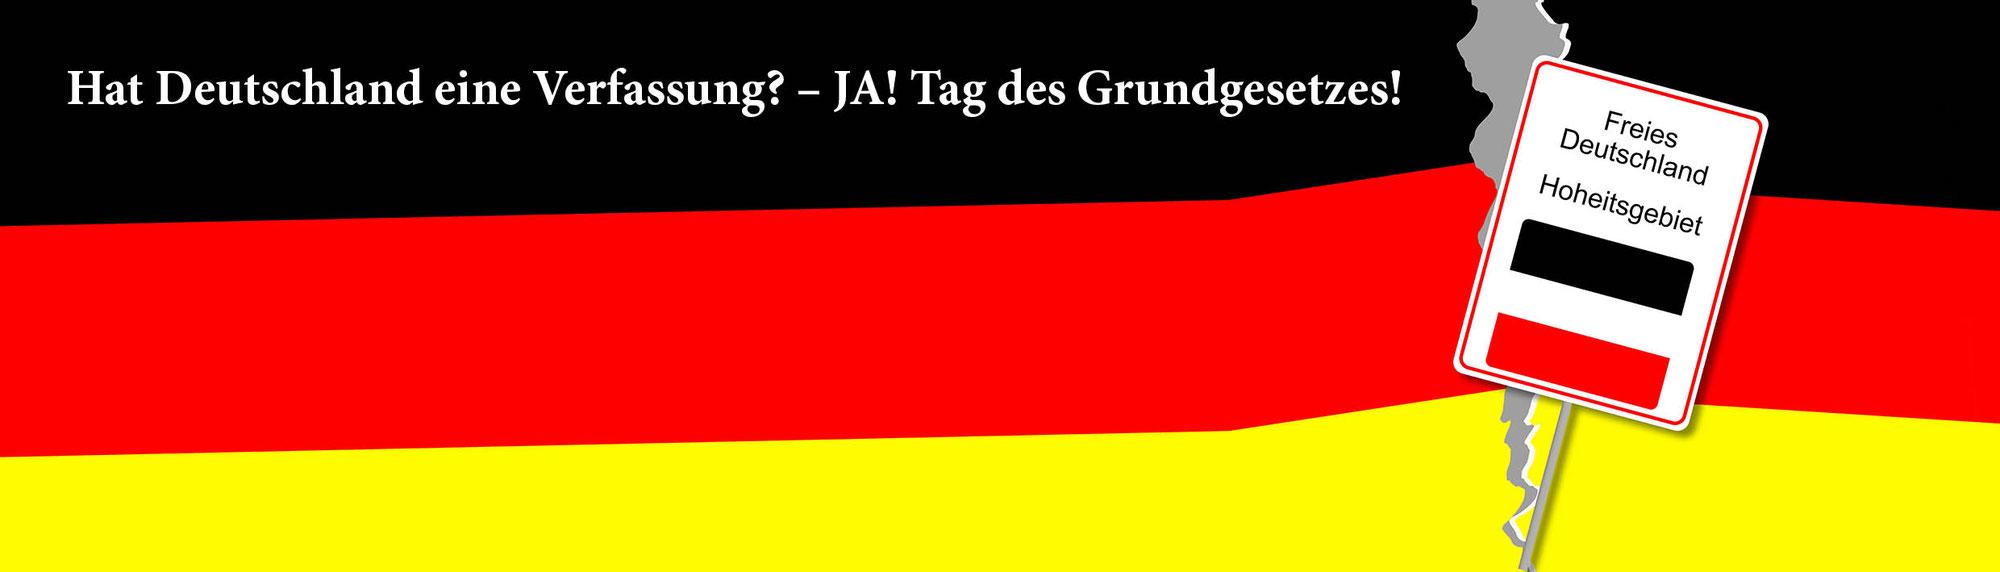 Deutschland`s Verfassung - Tag des Grundgesetzes!